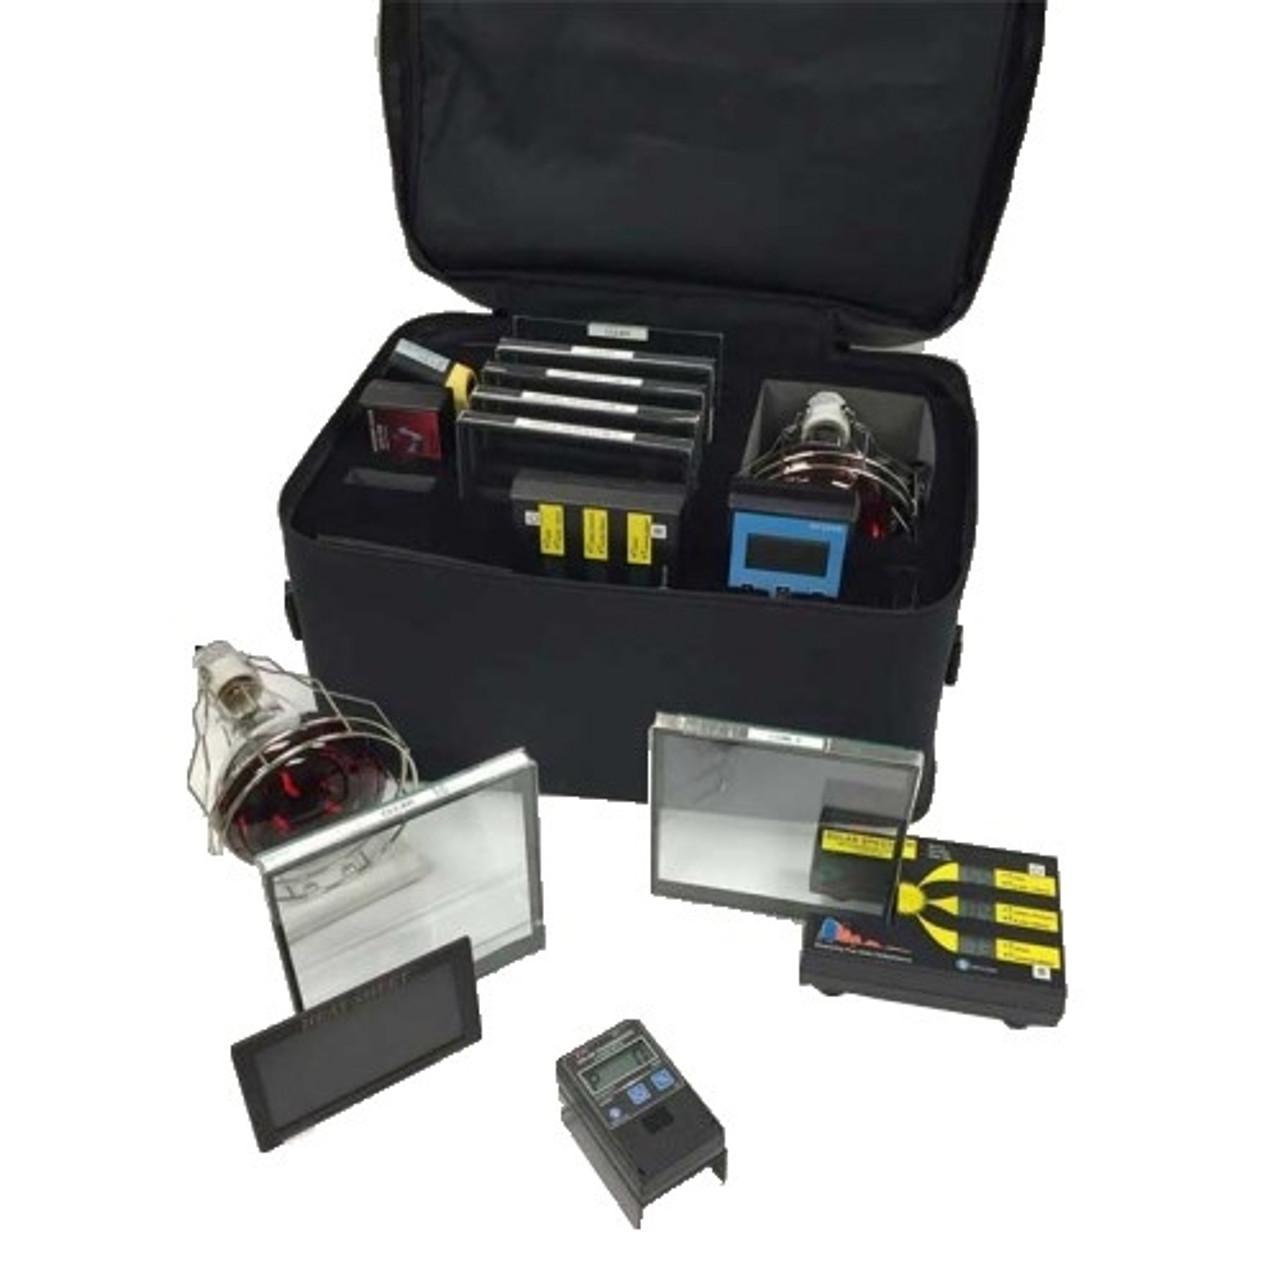 EDTM SK1840 Field Service & Sales Kit